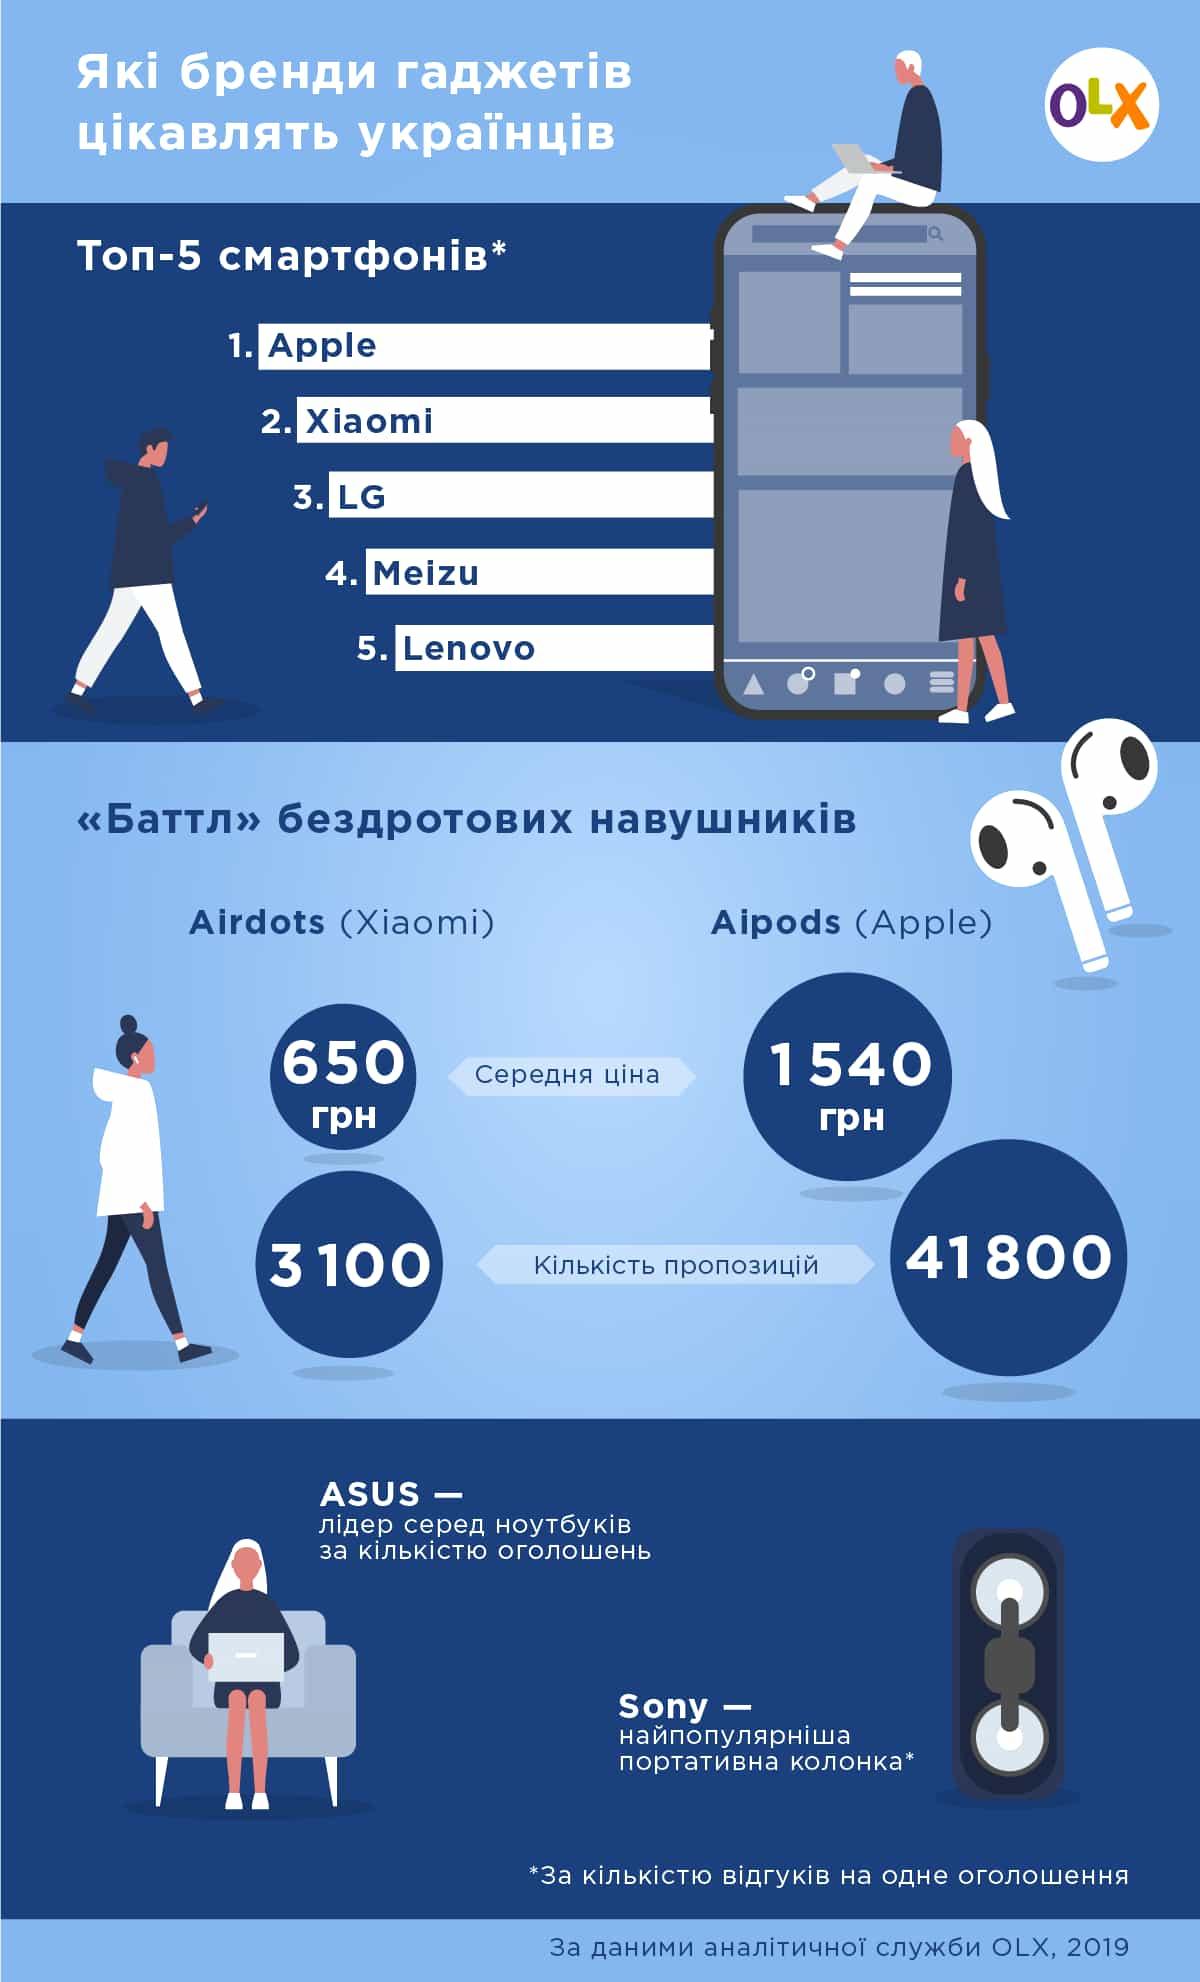 OLX визначив найпопулярніші пристрої серед українців